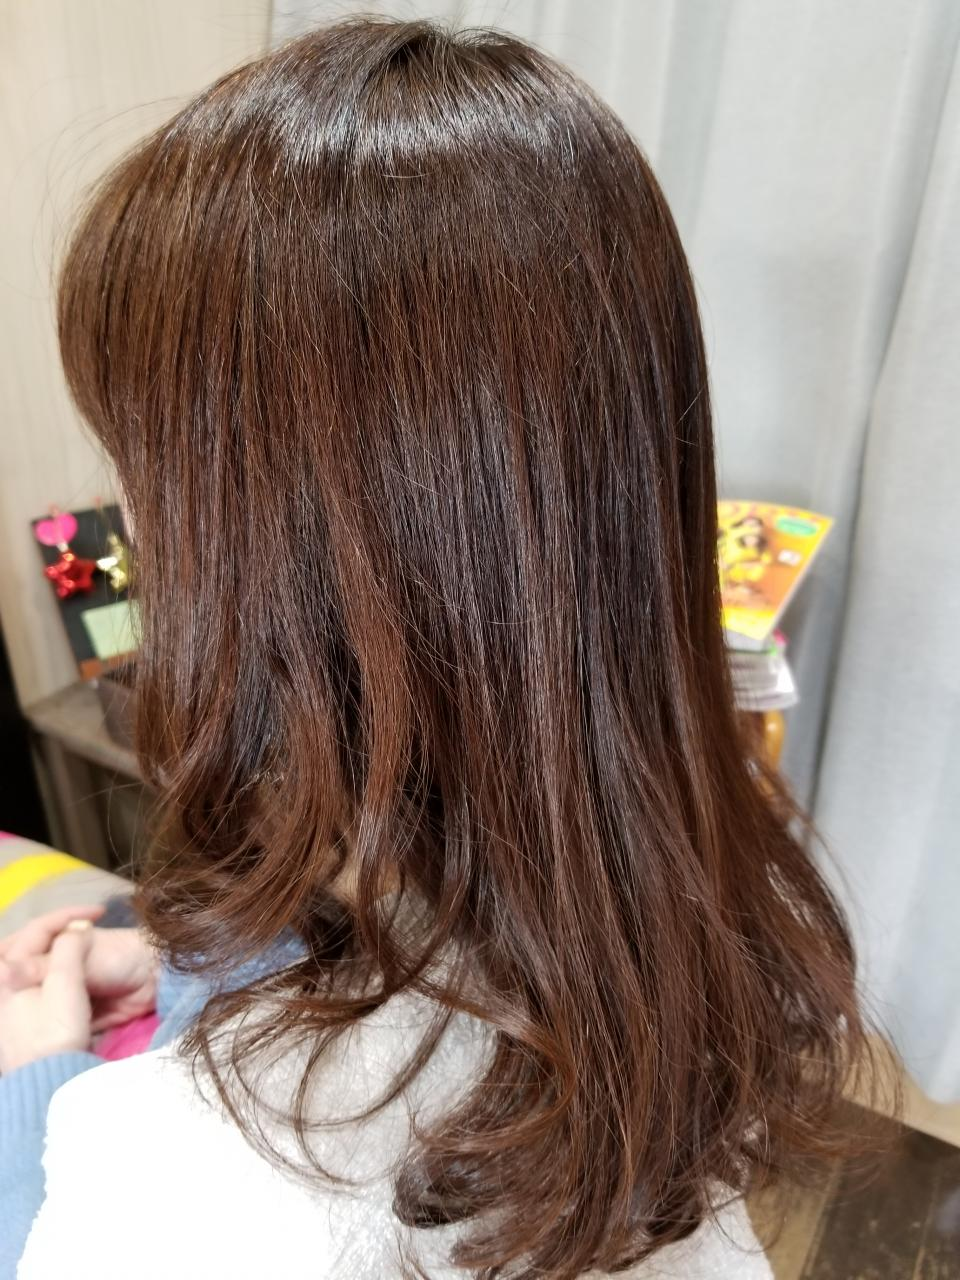 西宮市の美容室 hair a.f.(ヘアーエフ)のヘアギャラリー